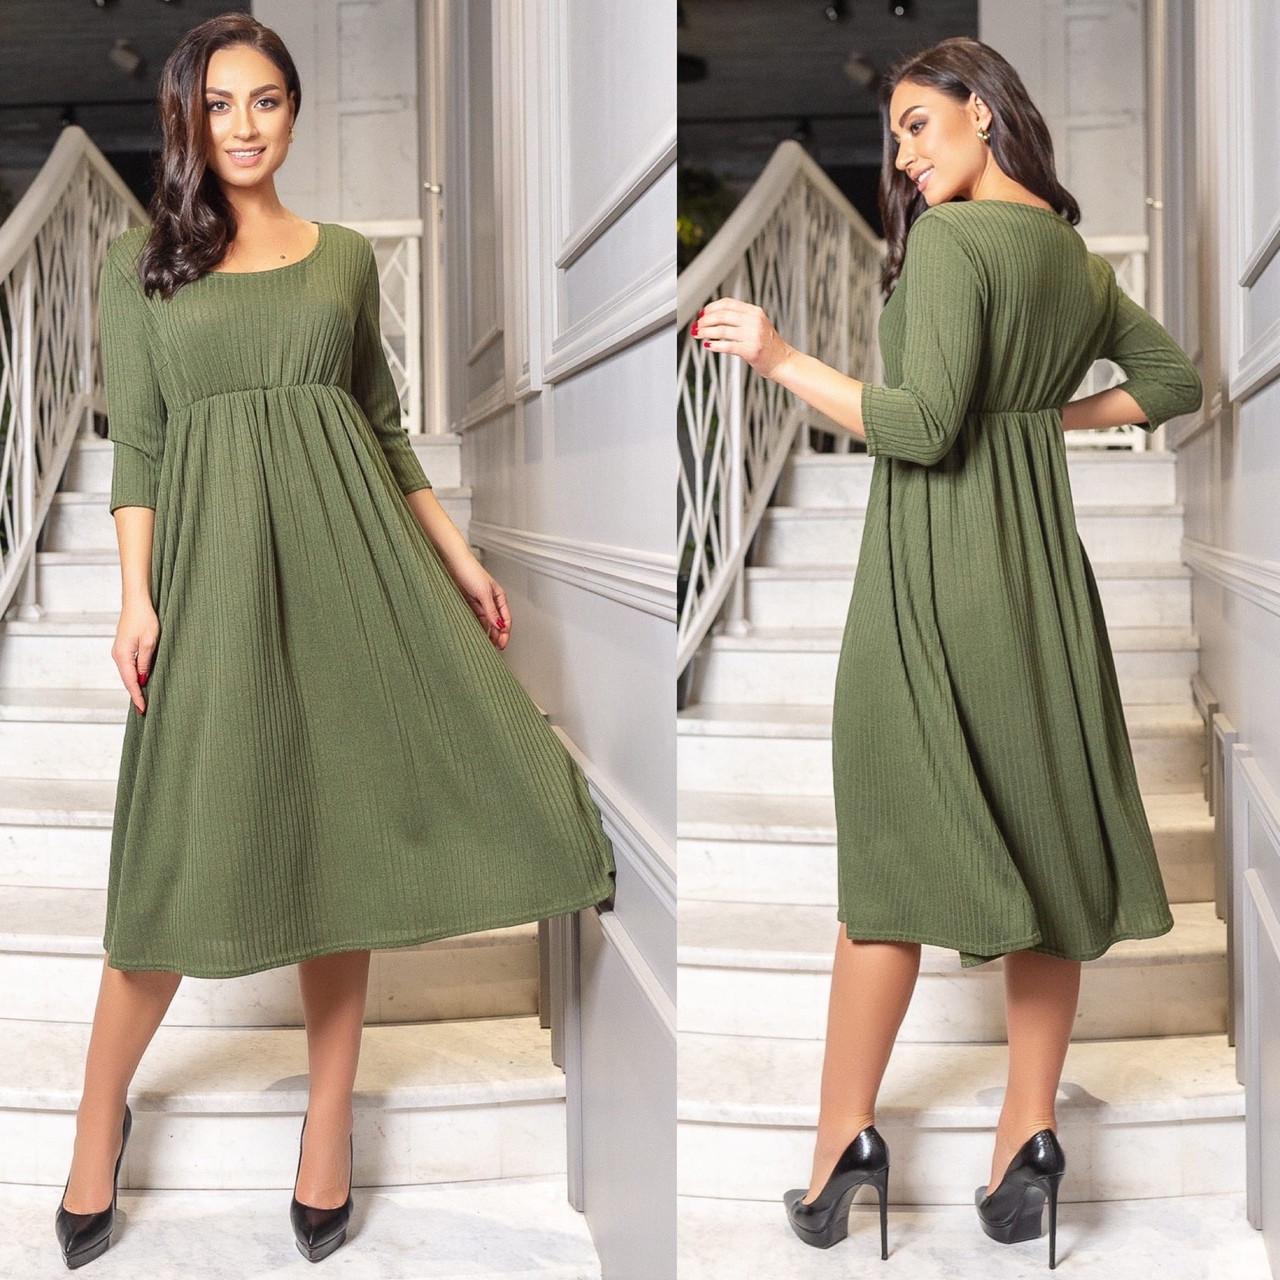 Женское повседневное платье ангора трикотаж рубчик длинный рукав размеры 50-52,54-56,58-60,62-64